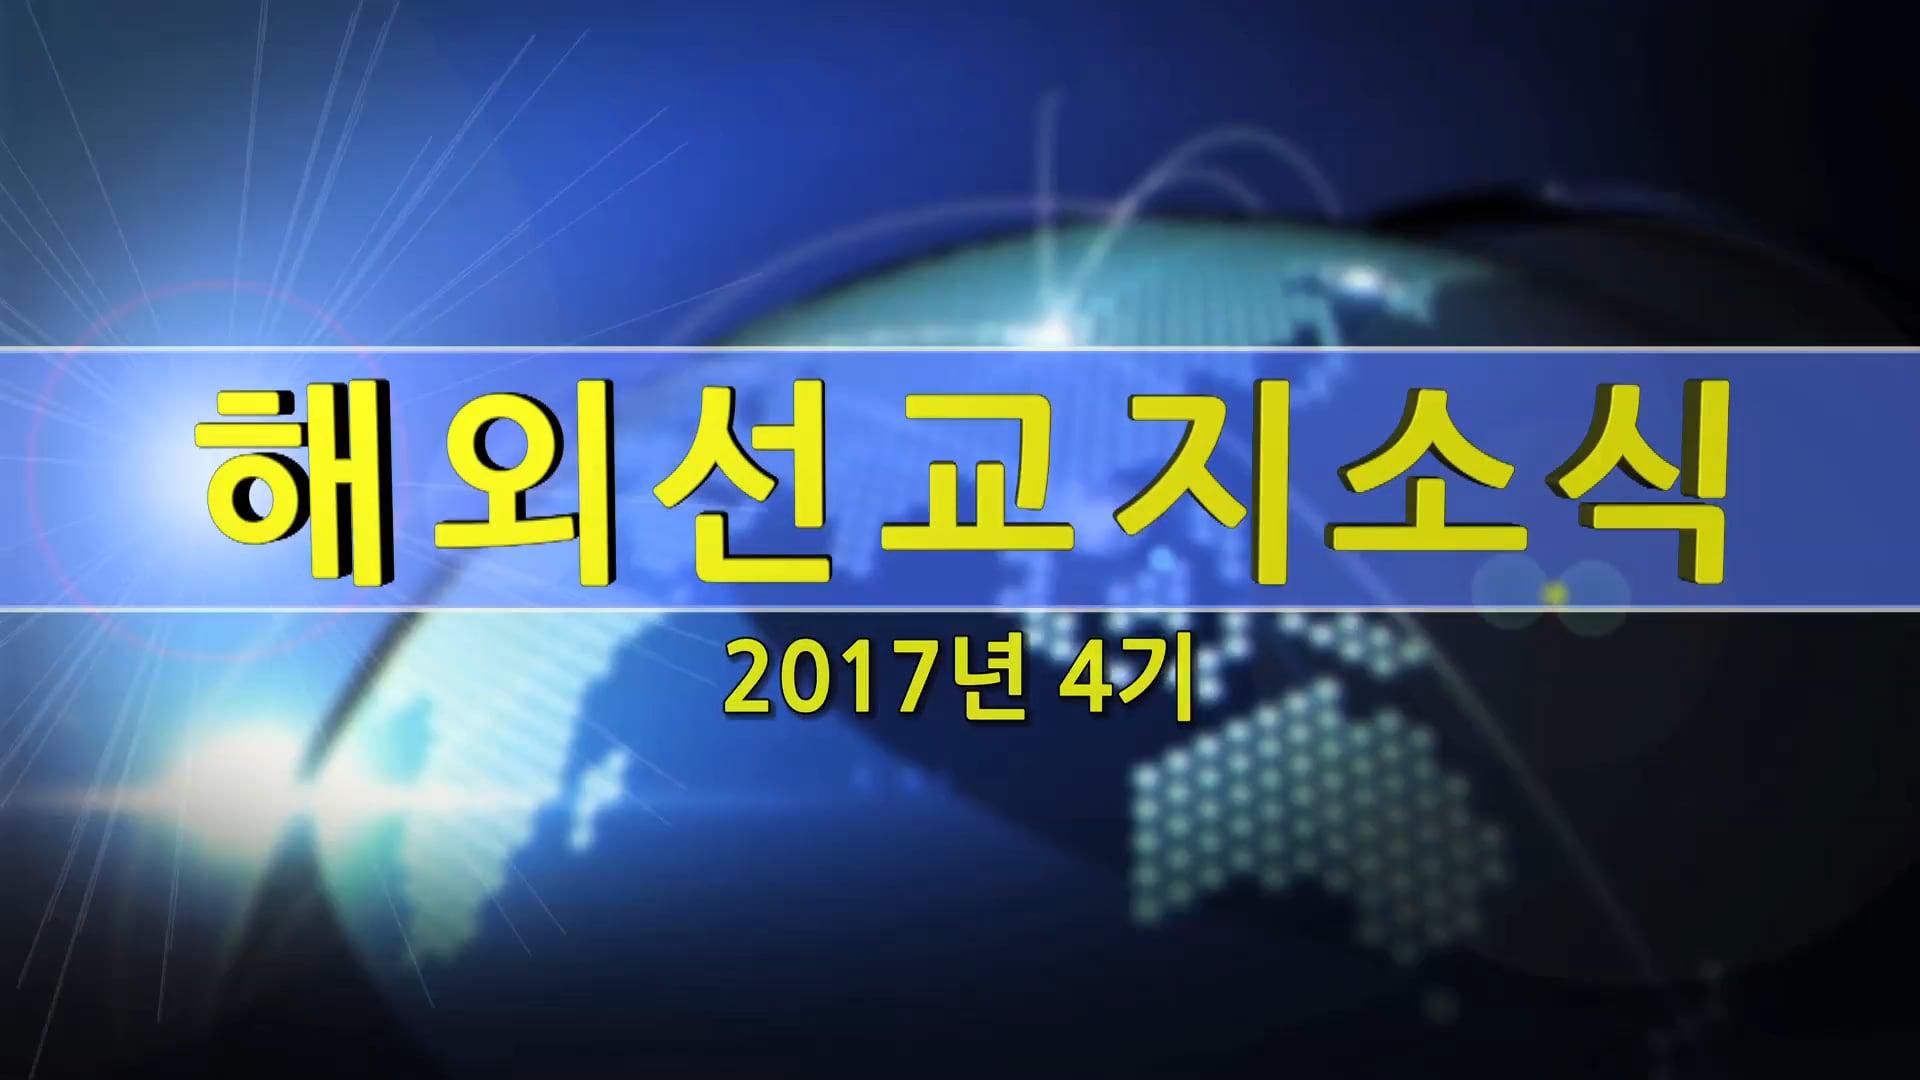 2017년 4기 해외선교소식 - 전체파일 - 유로아시아 지회